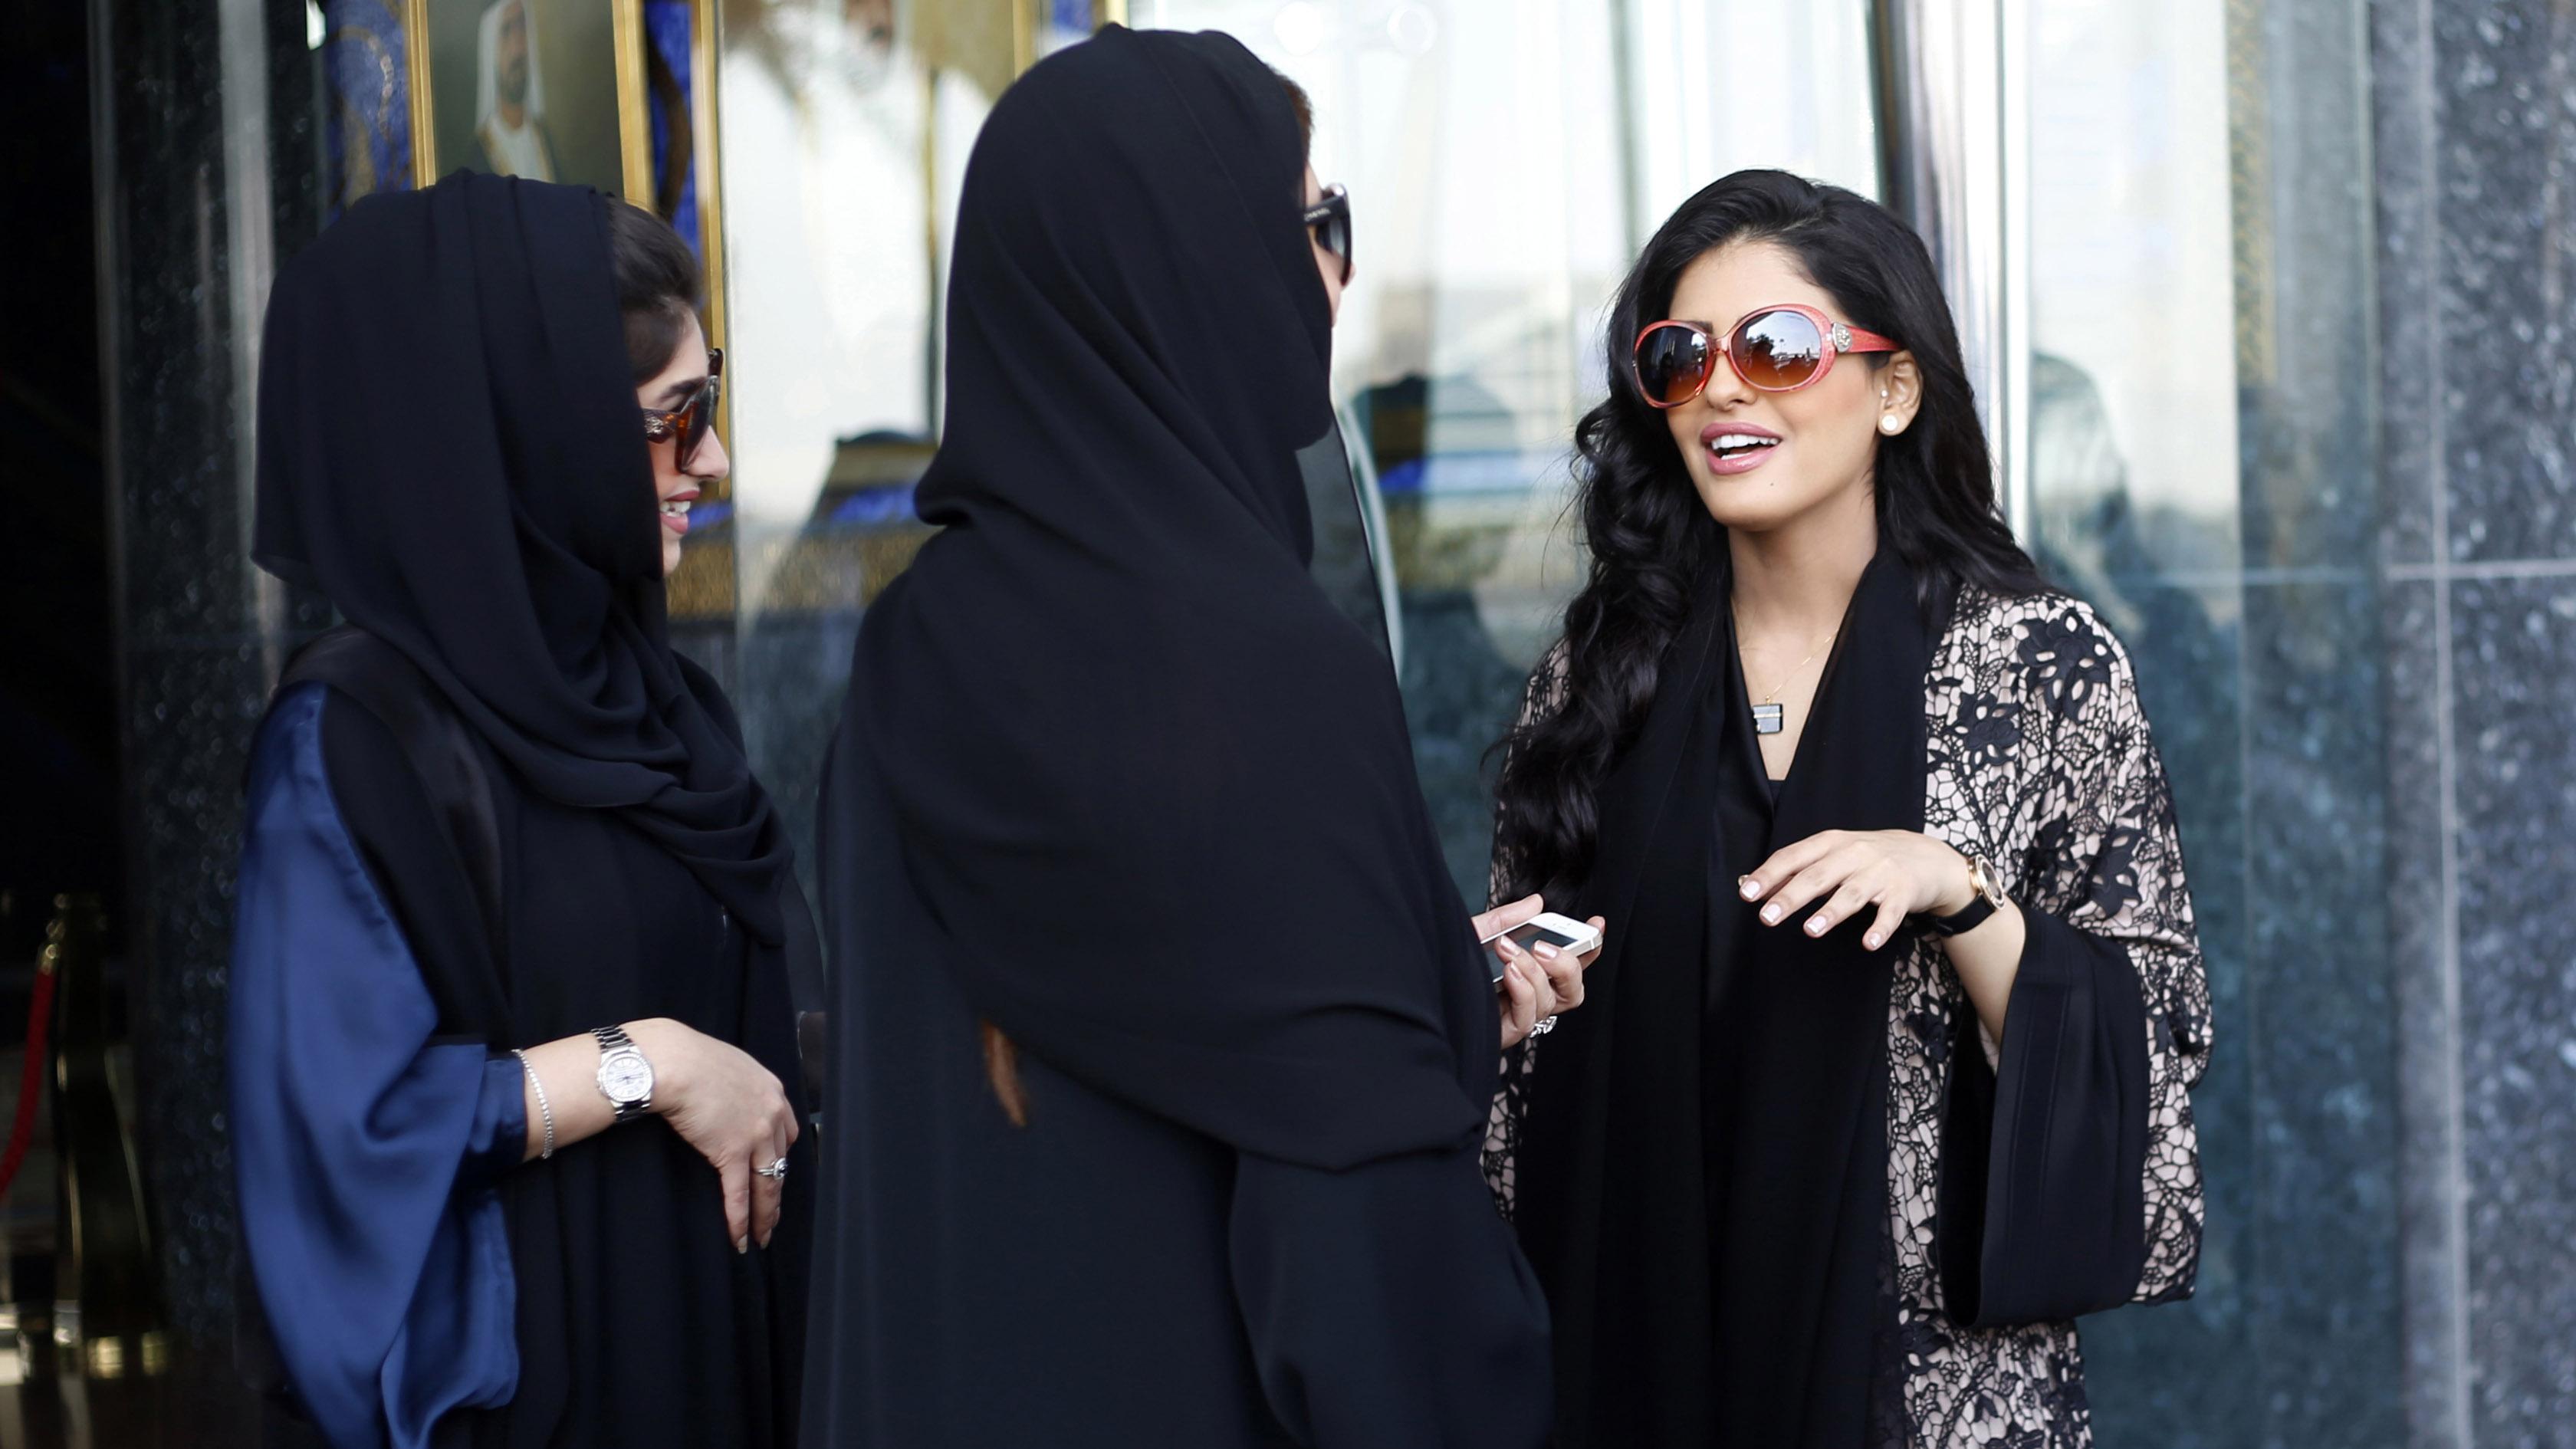 «Вы должны убить эту собаку». Саудовская принцесса в Париже по-своему разобралась с декоратором